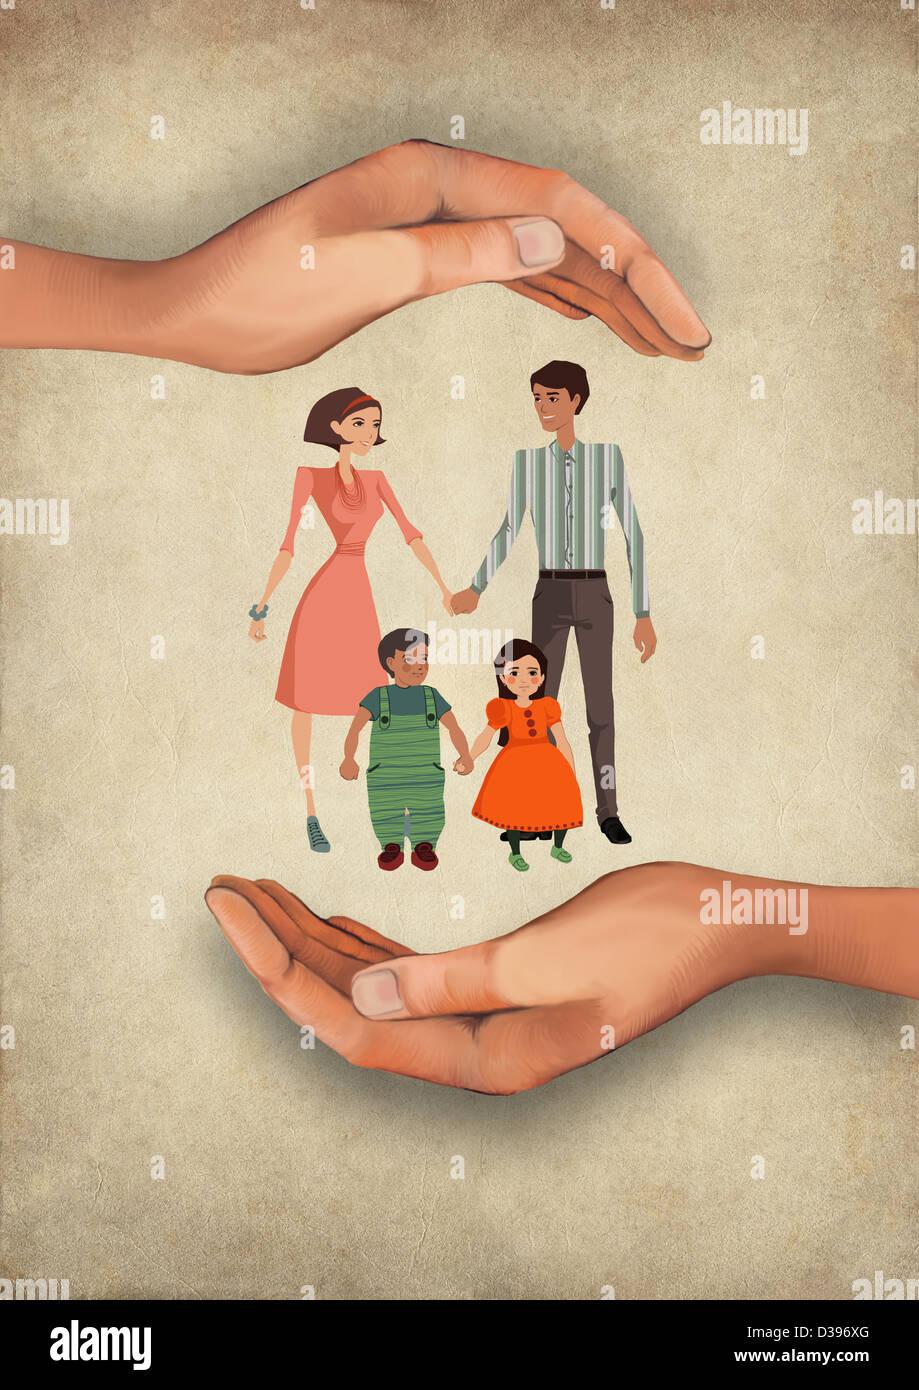 Anschauliches Bild der menschlichen Hände Abschirmung Familie Vertretung Versicherung Stockbild